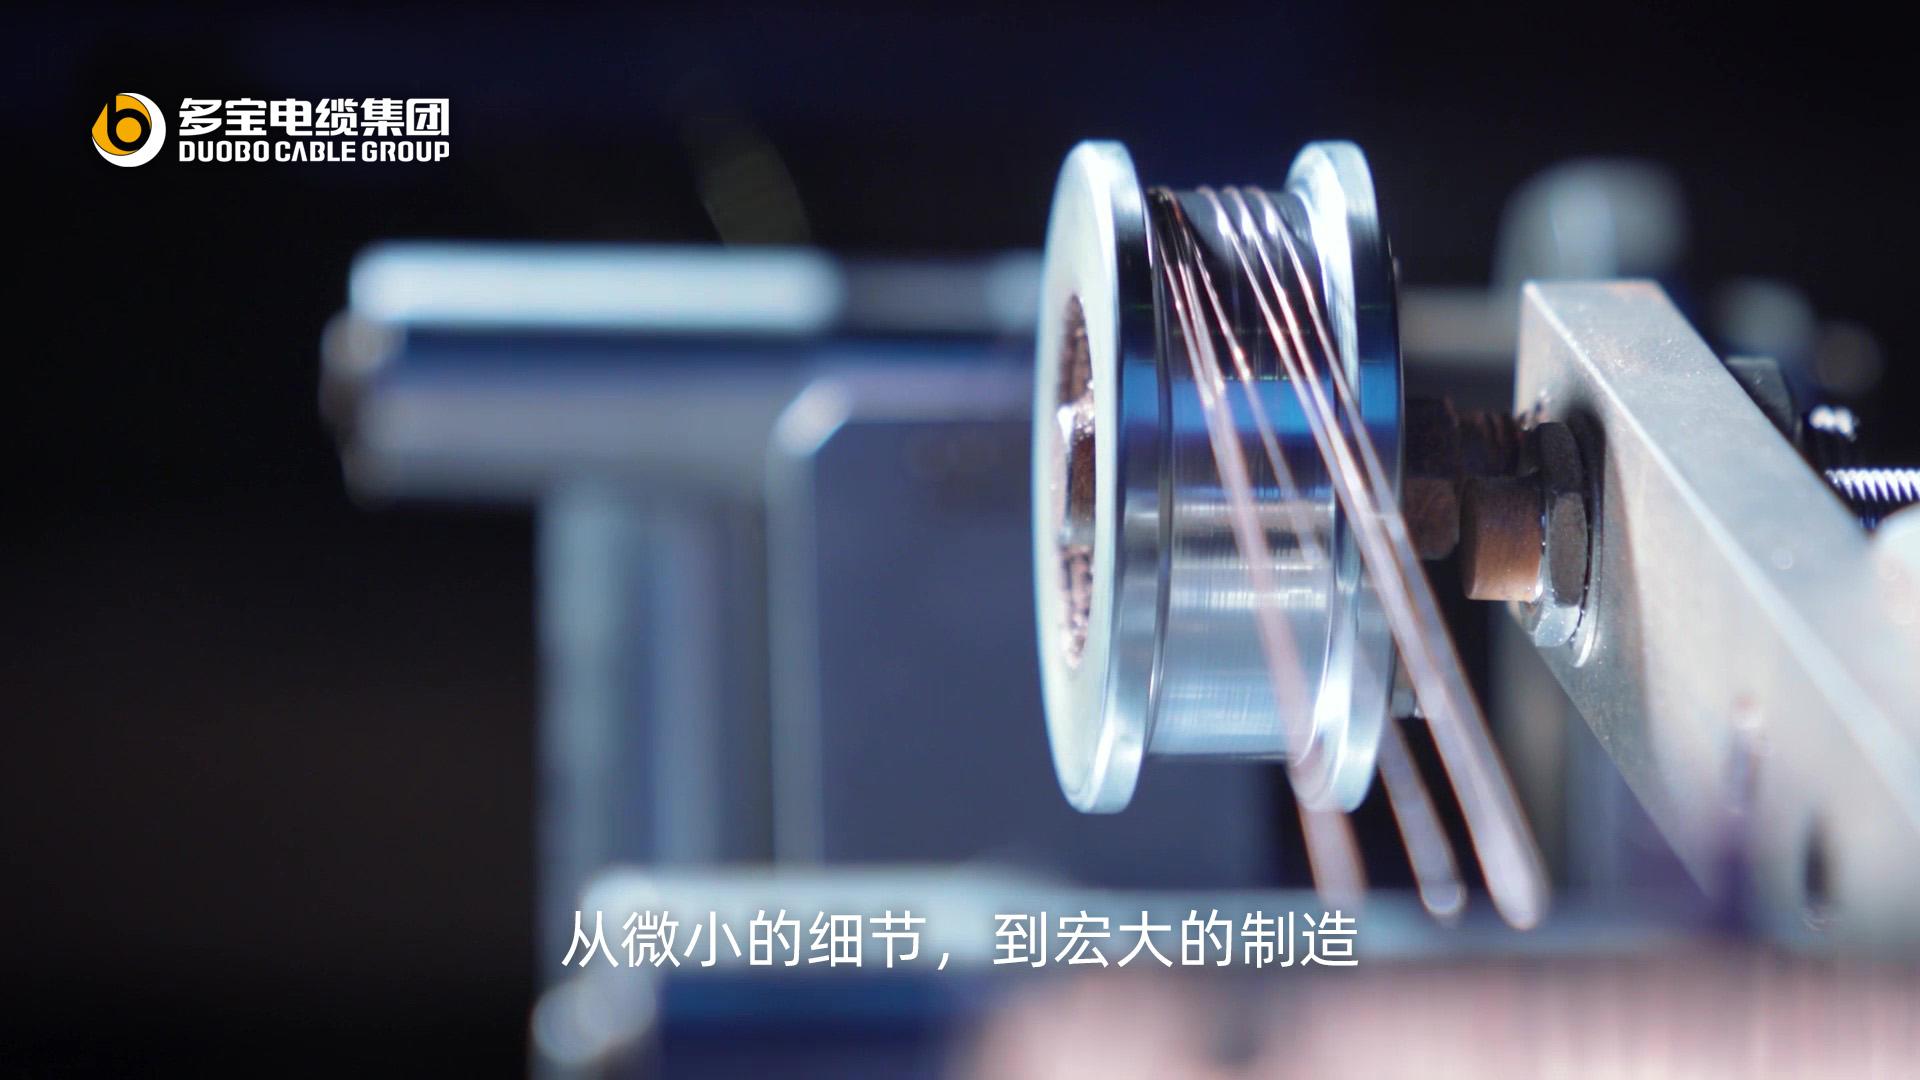 多寶電纜集團宣傳片-15s